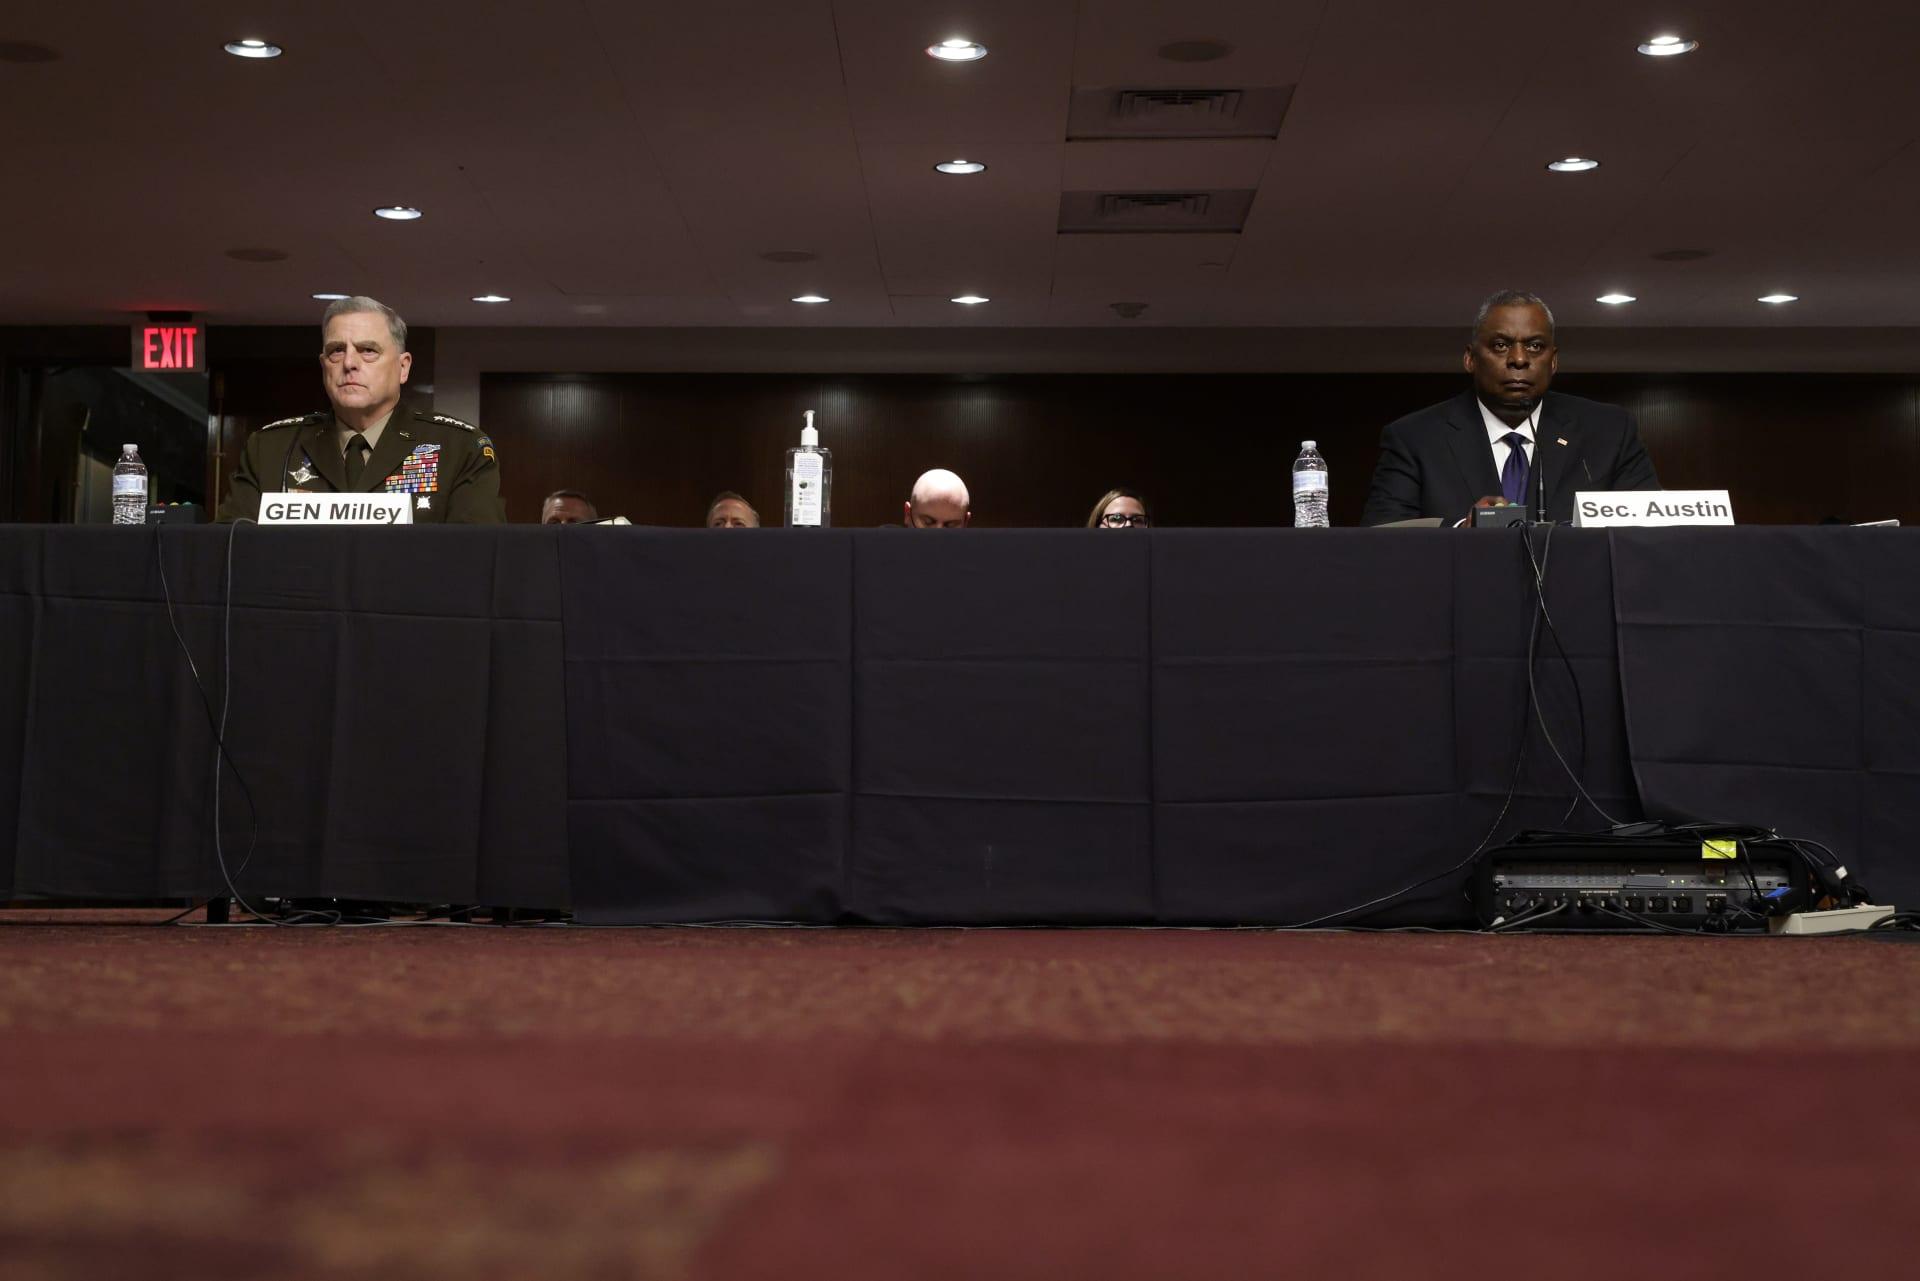 وزير الدفاع الأمريكي يدافع عن خطط الانسحاب من أفغانستان